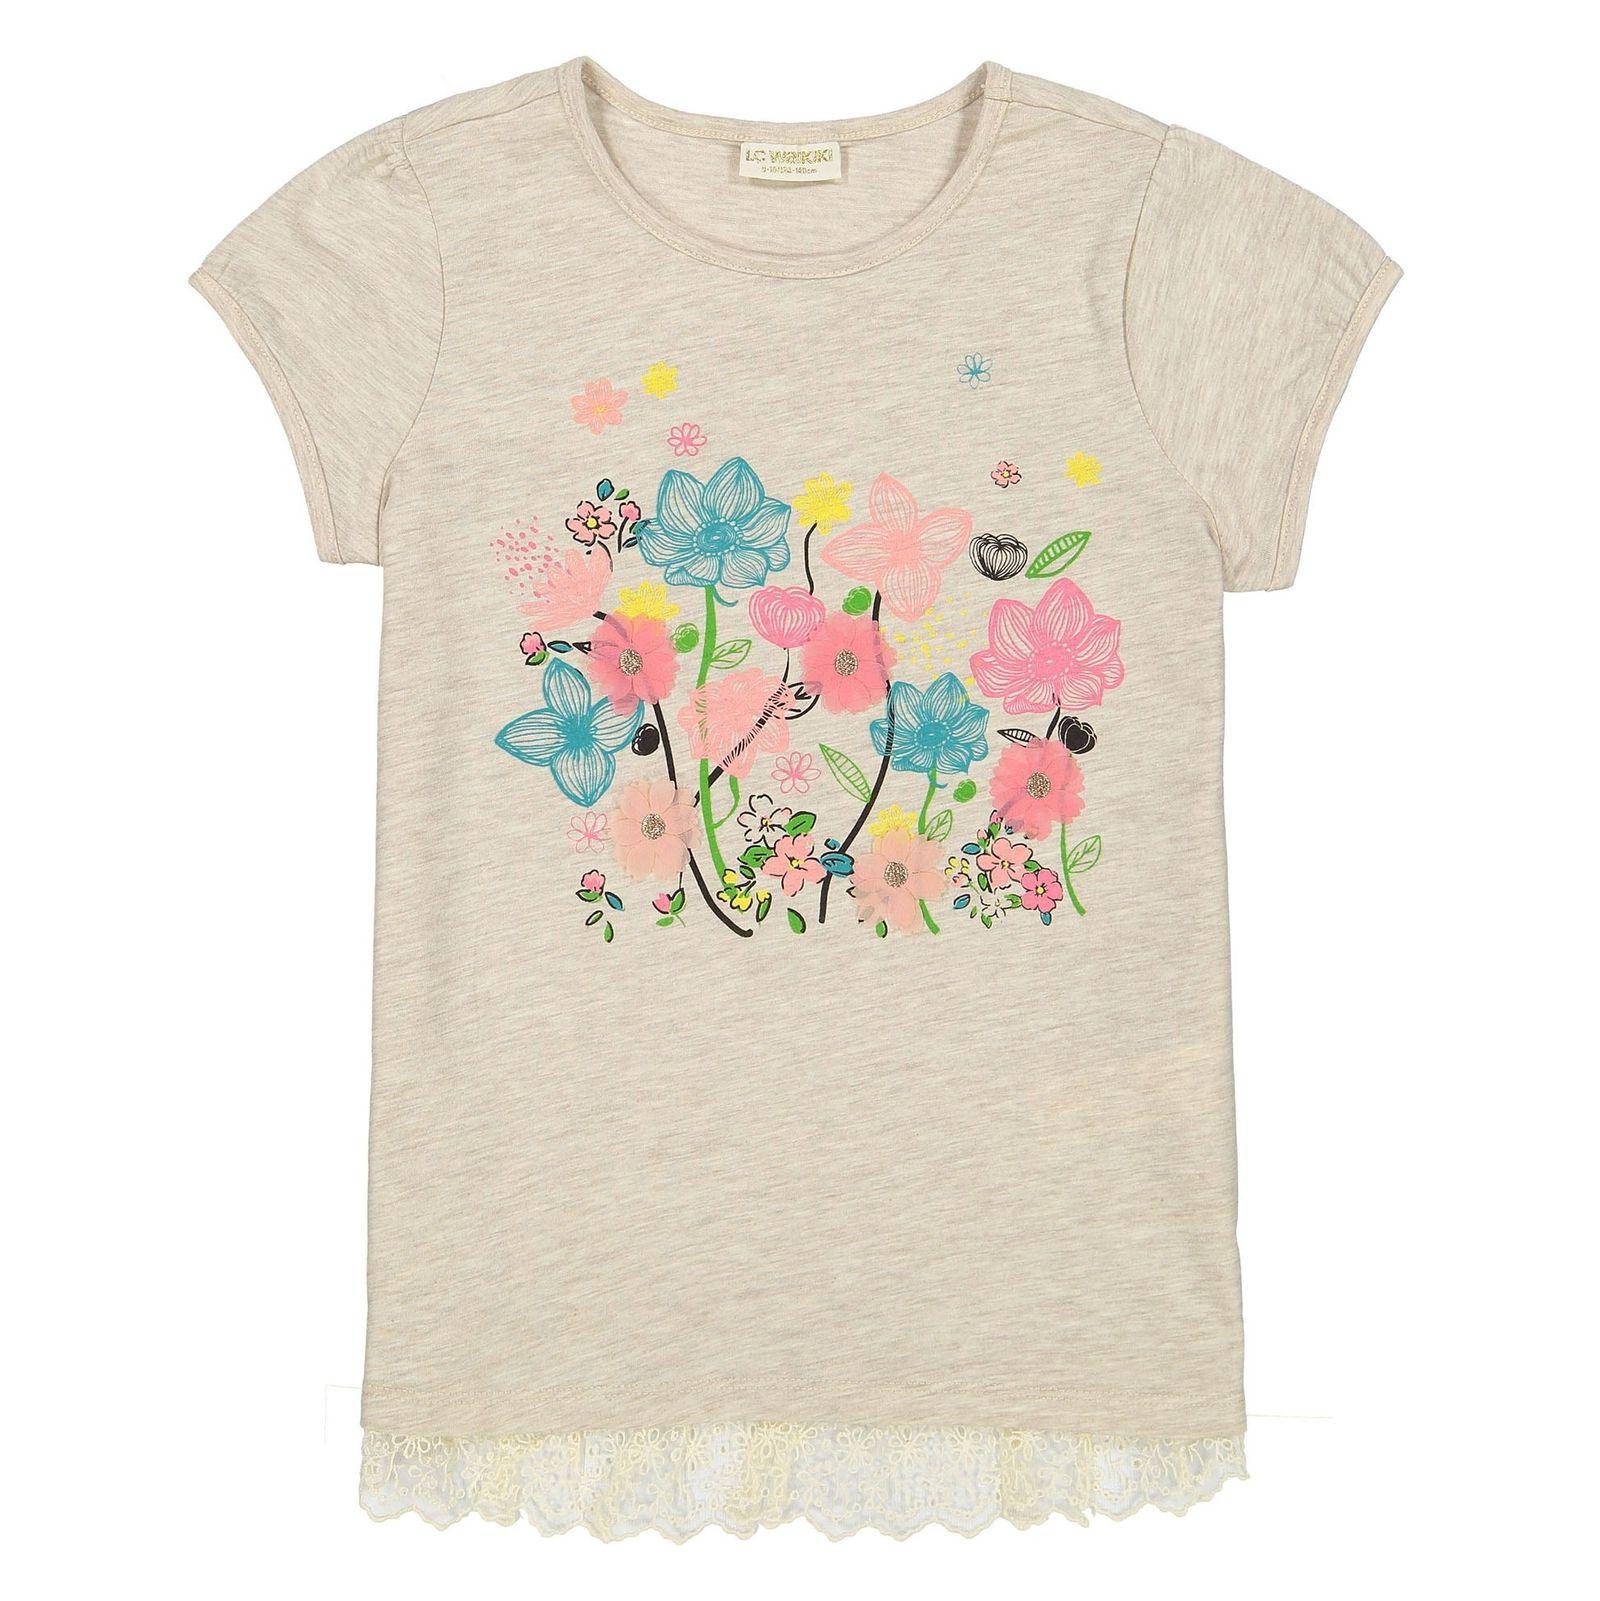 تی شرت ویسکوز یقه گرد دخترانه - ال سی وایکیکی - کرم - 1